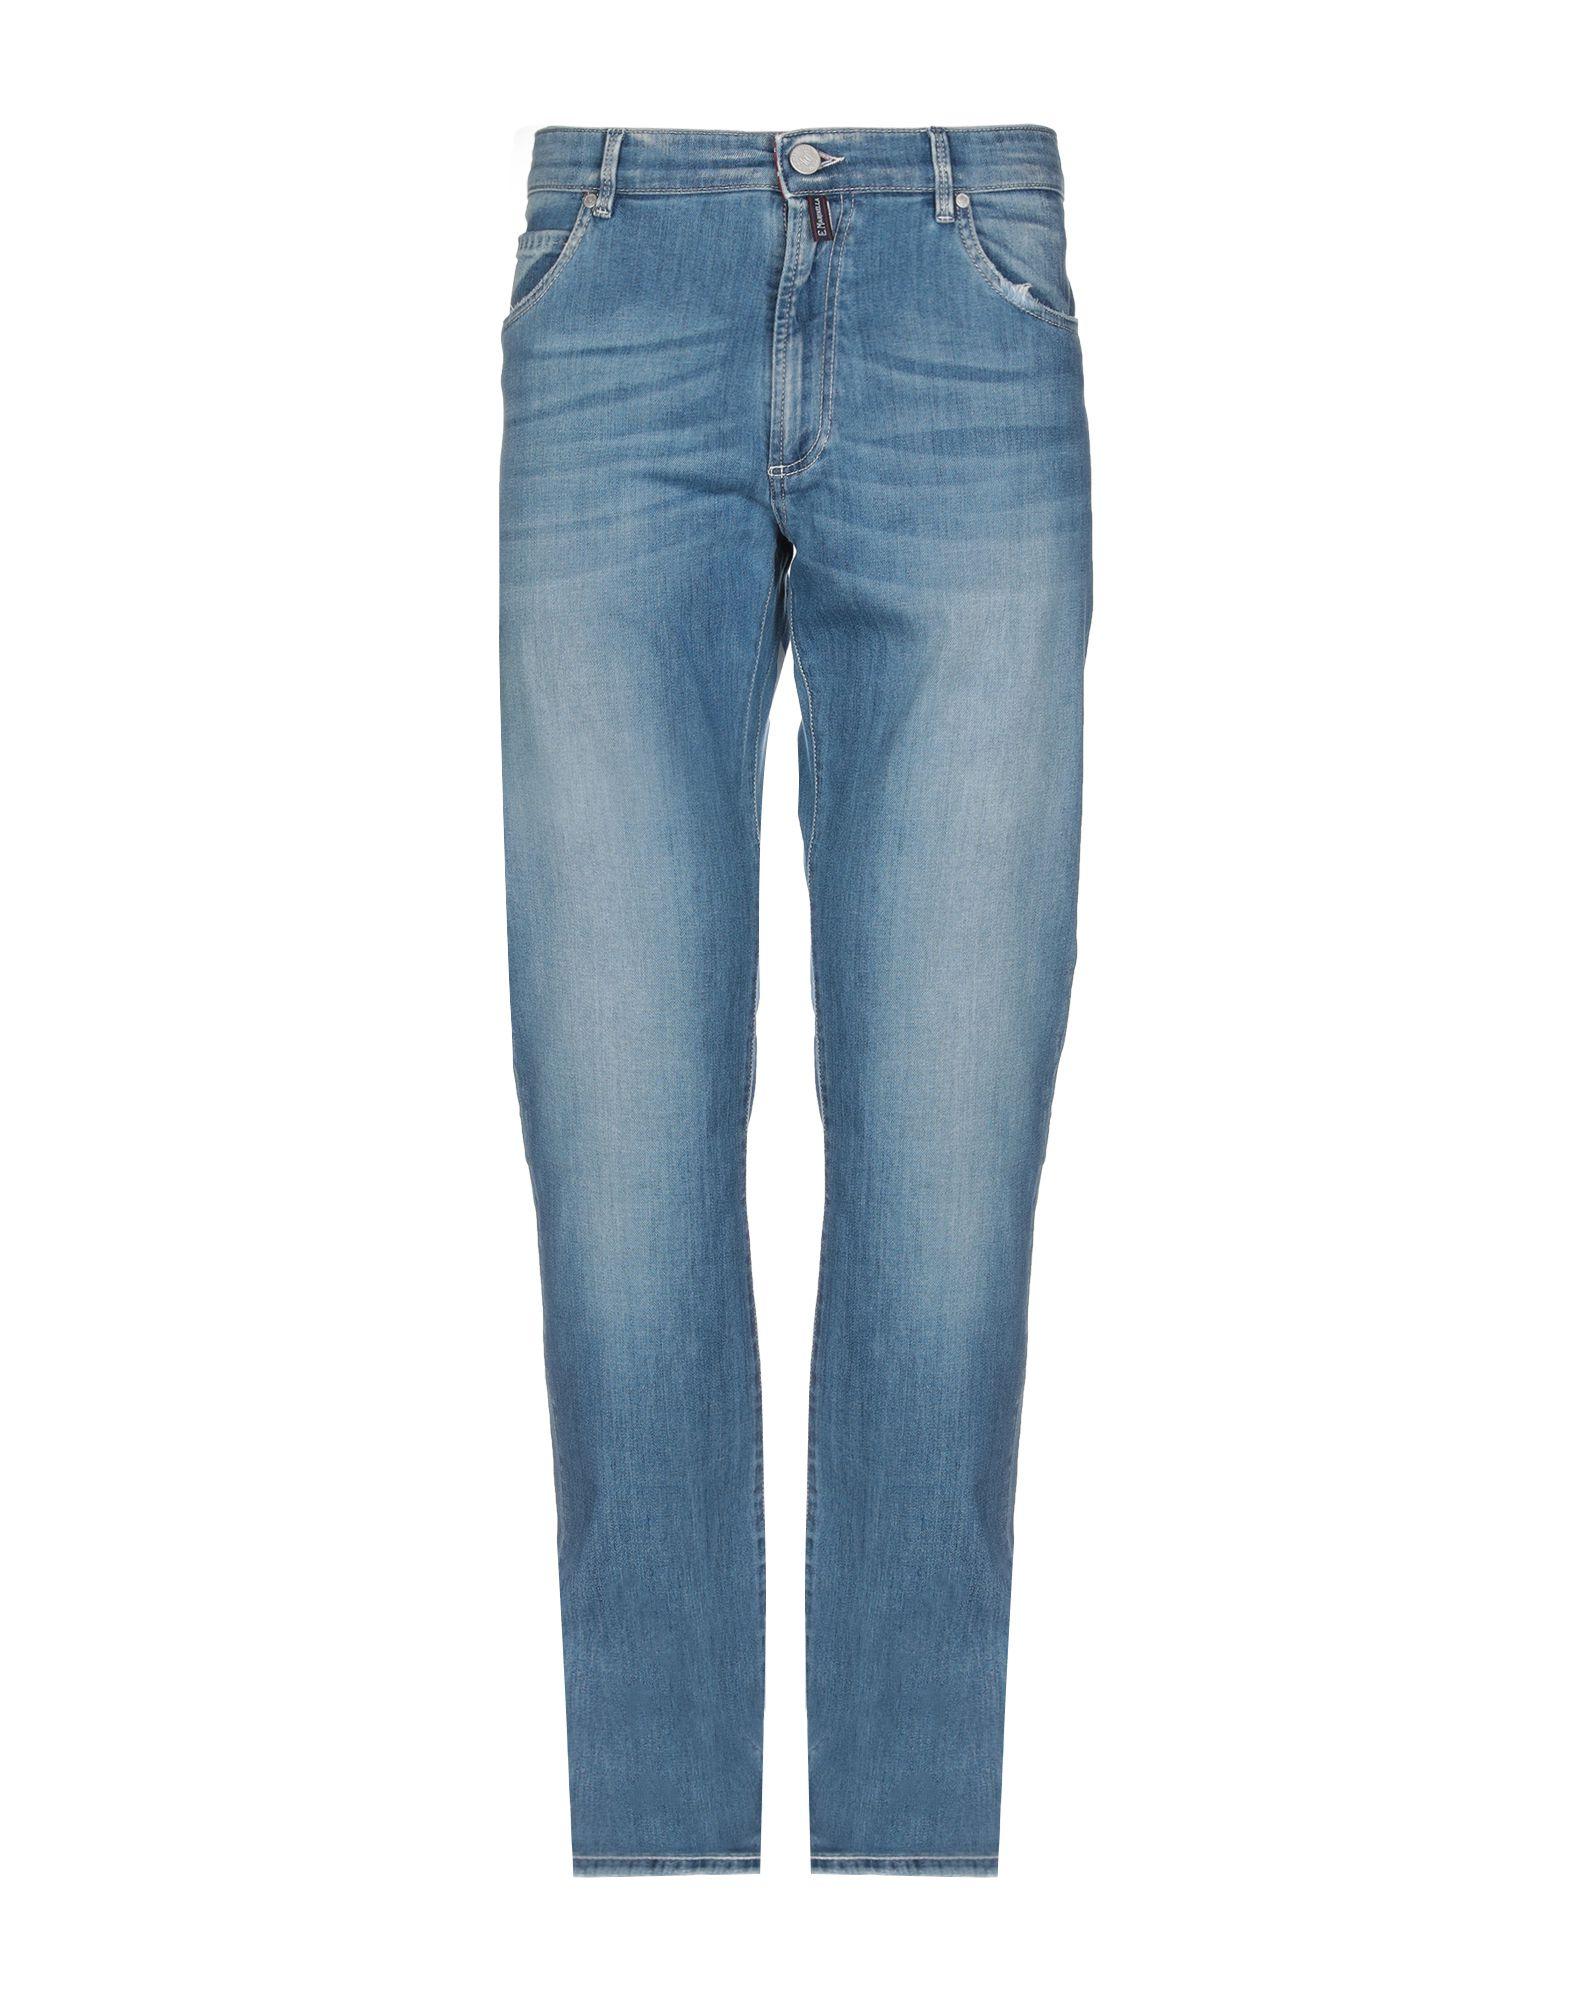 《期間限定 セール開催中》E.MARINELLA メンズ ジーンズ ブルー 40 コットン 98% / ポリウレタン 2%